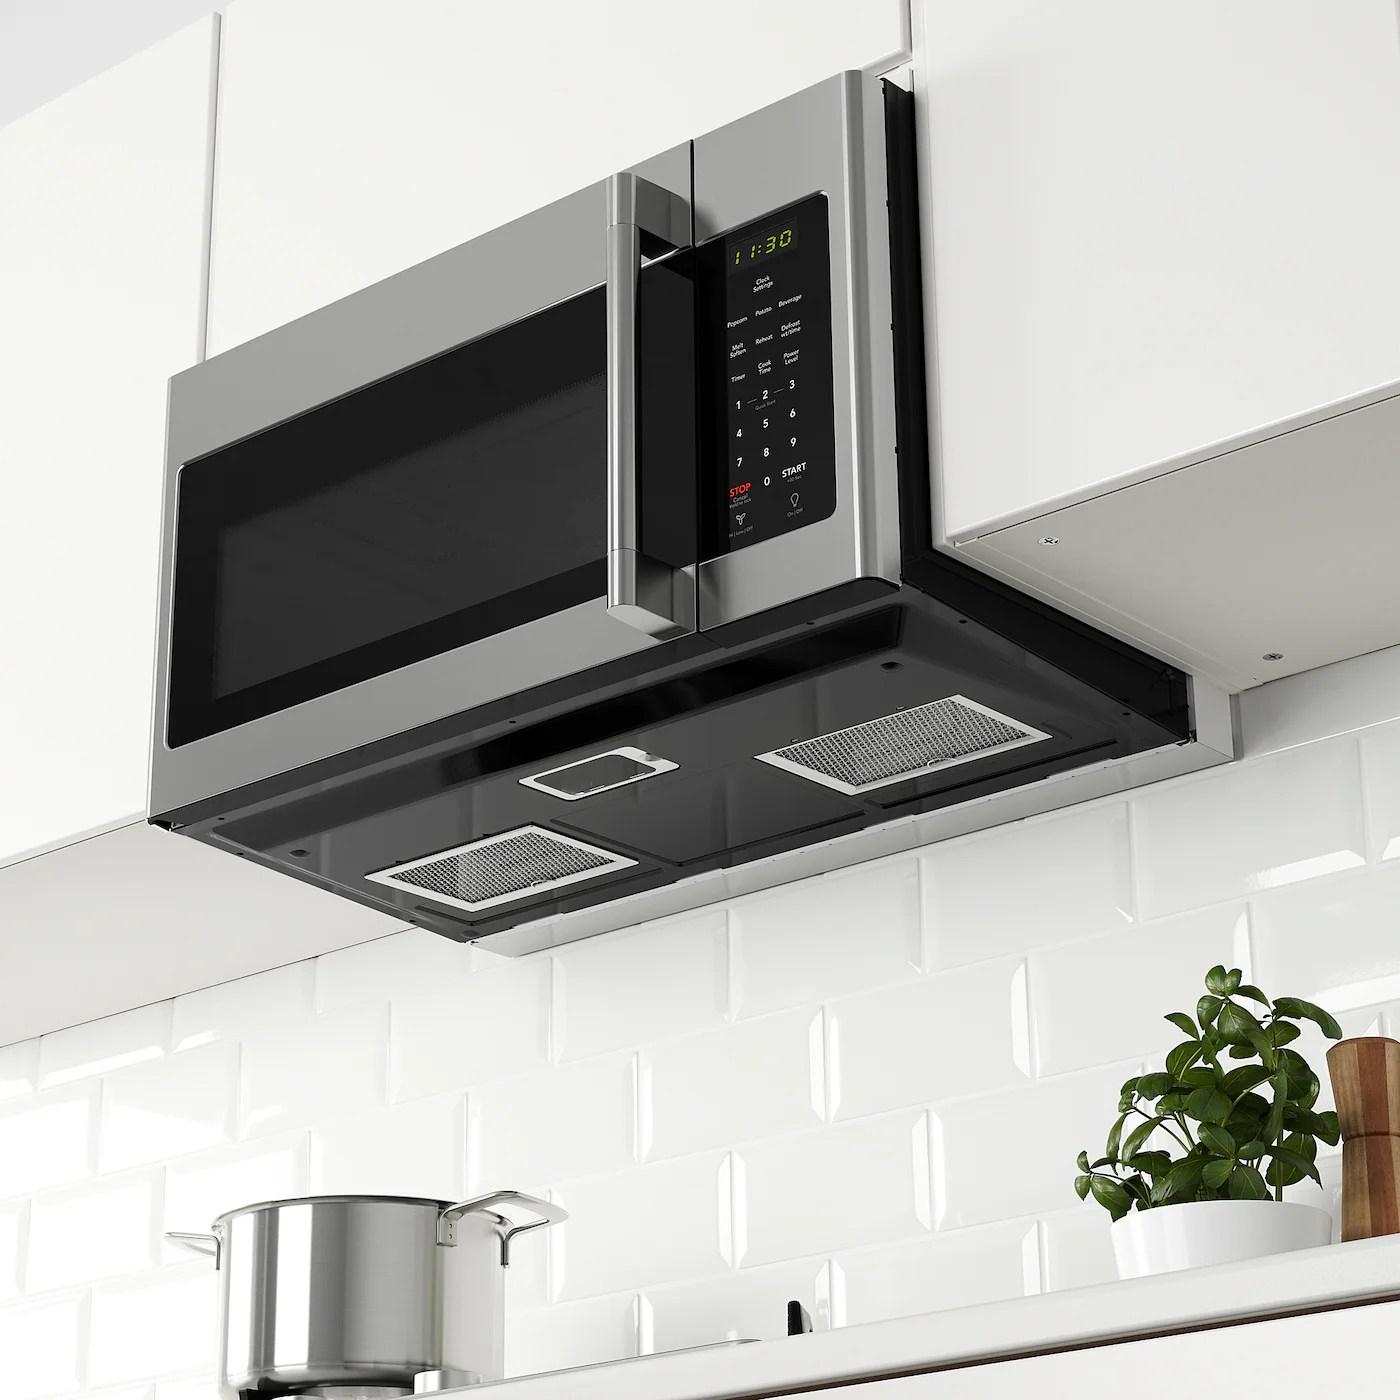 medelniva over the range microwave stainless steel